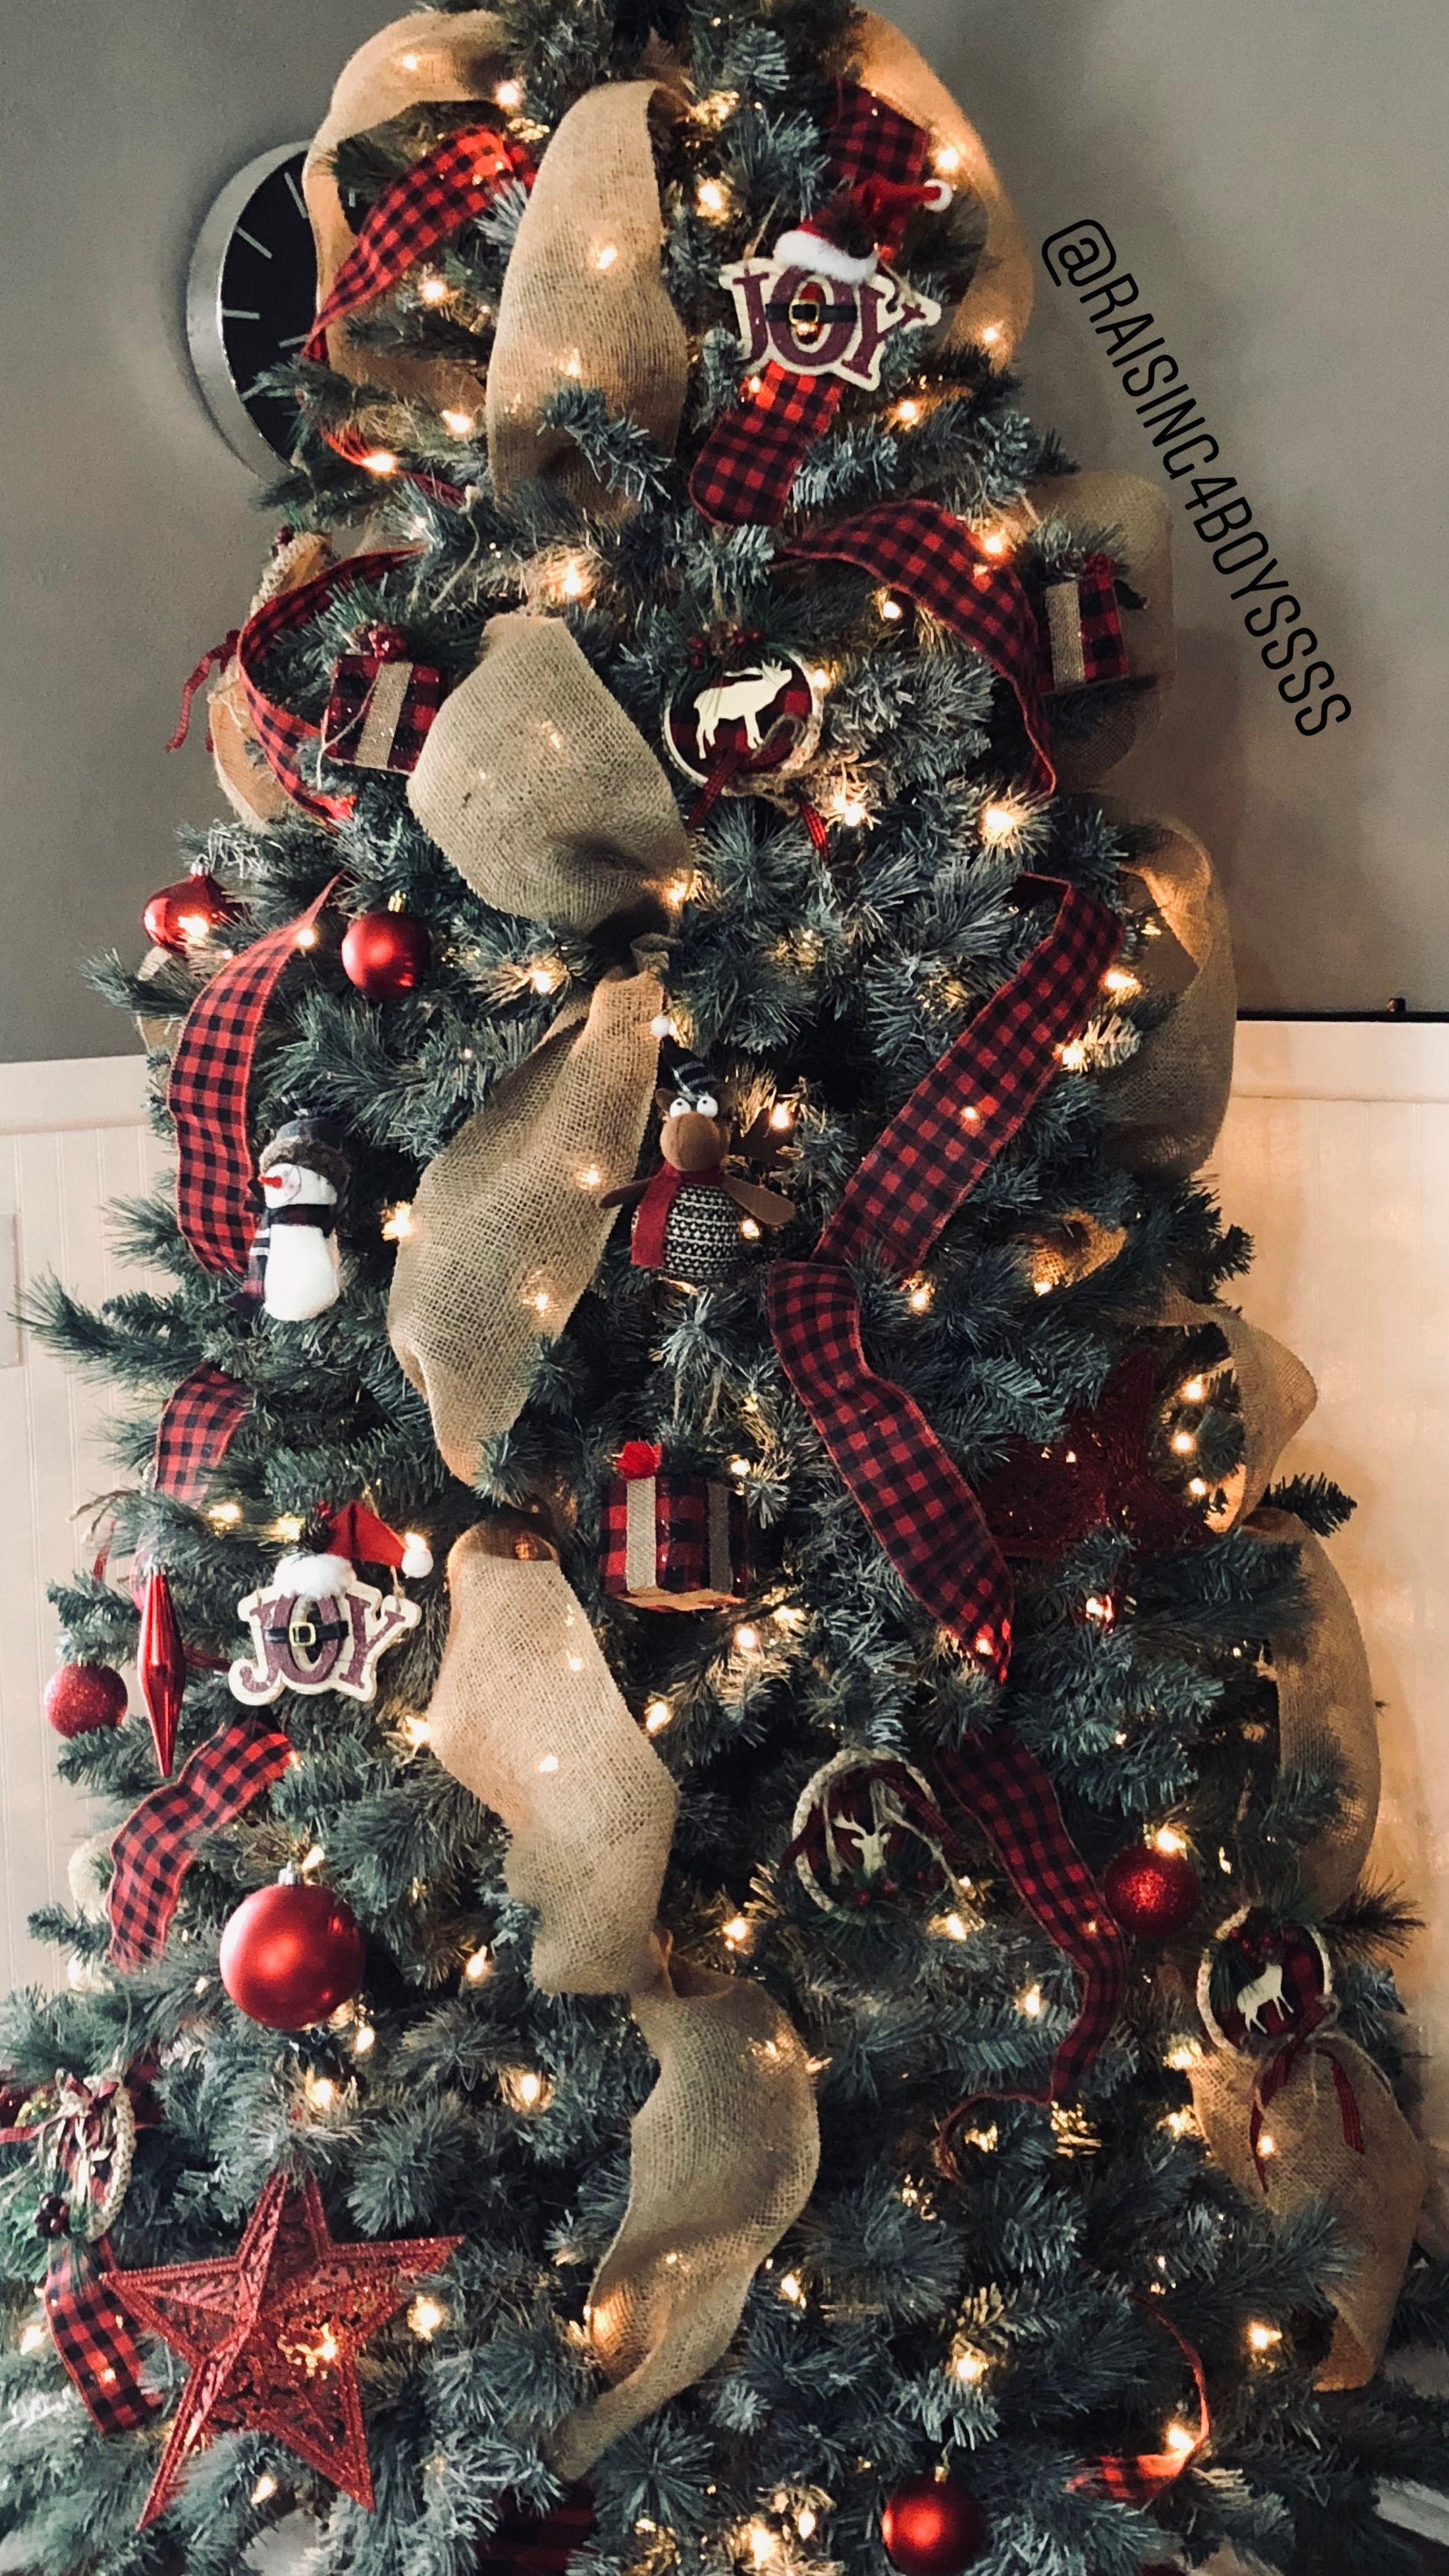 Buffalo Check And Burlap Christmas Tree Inspo Christmas Decorations Rustic Tree Christmas Tree Inspo Christmas Tree Decorations Diy